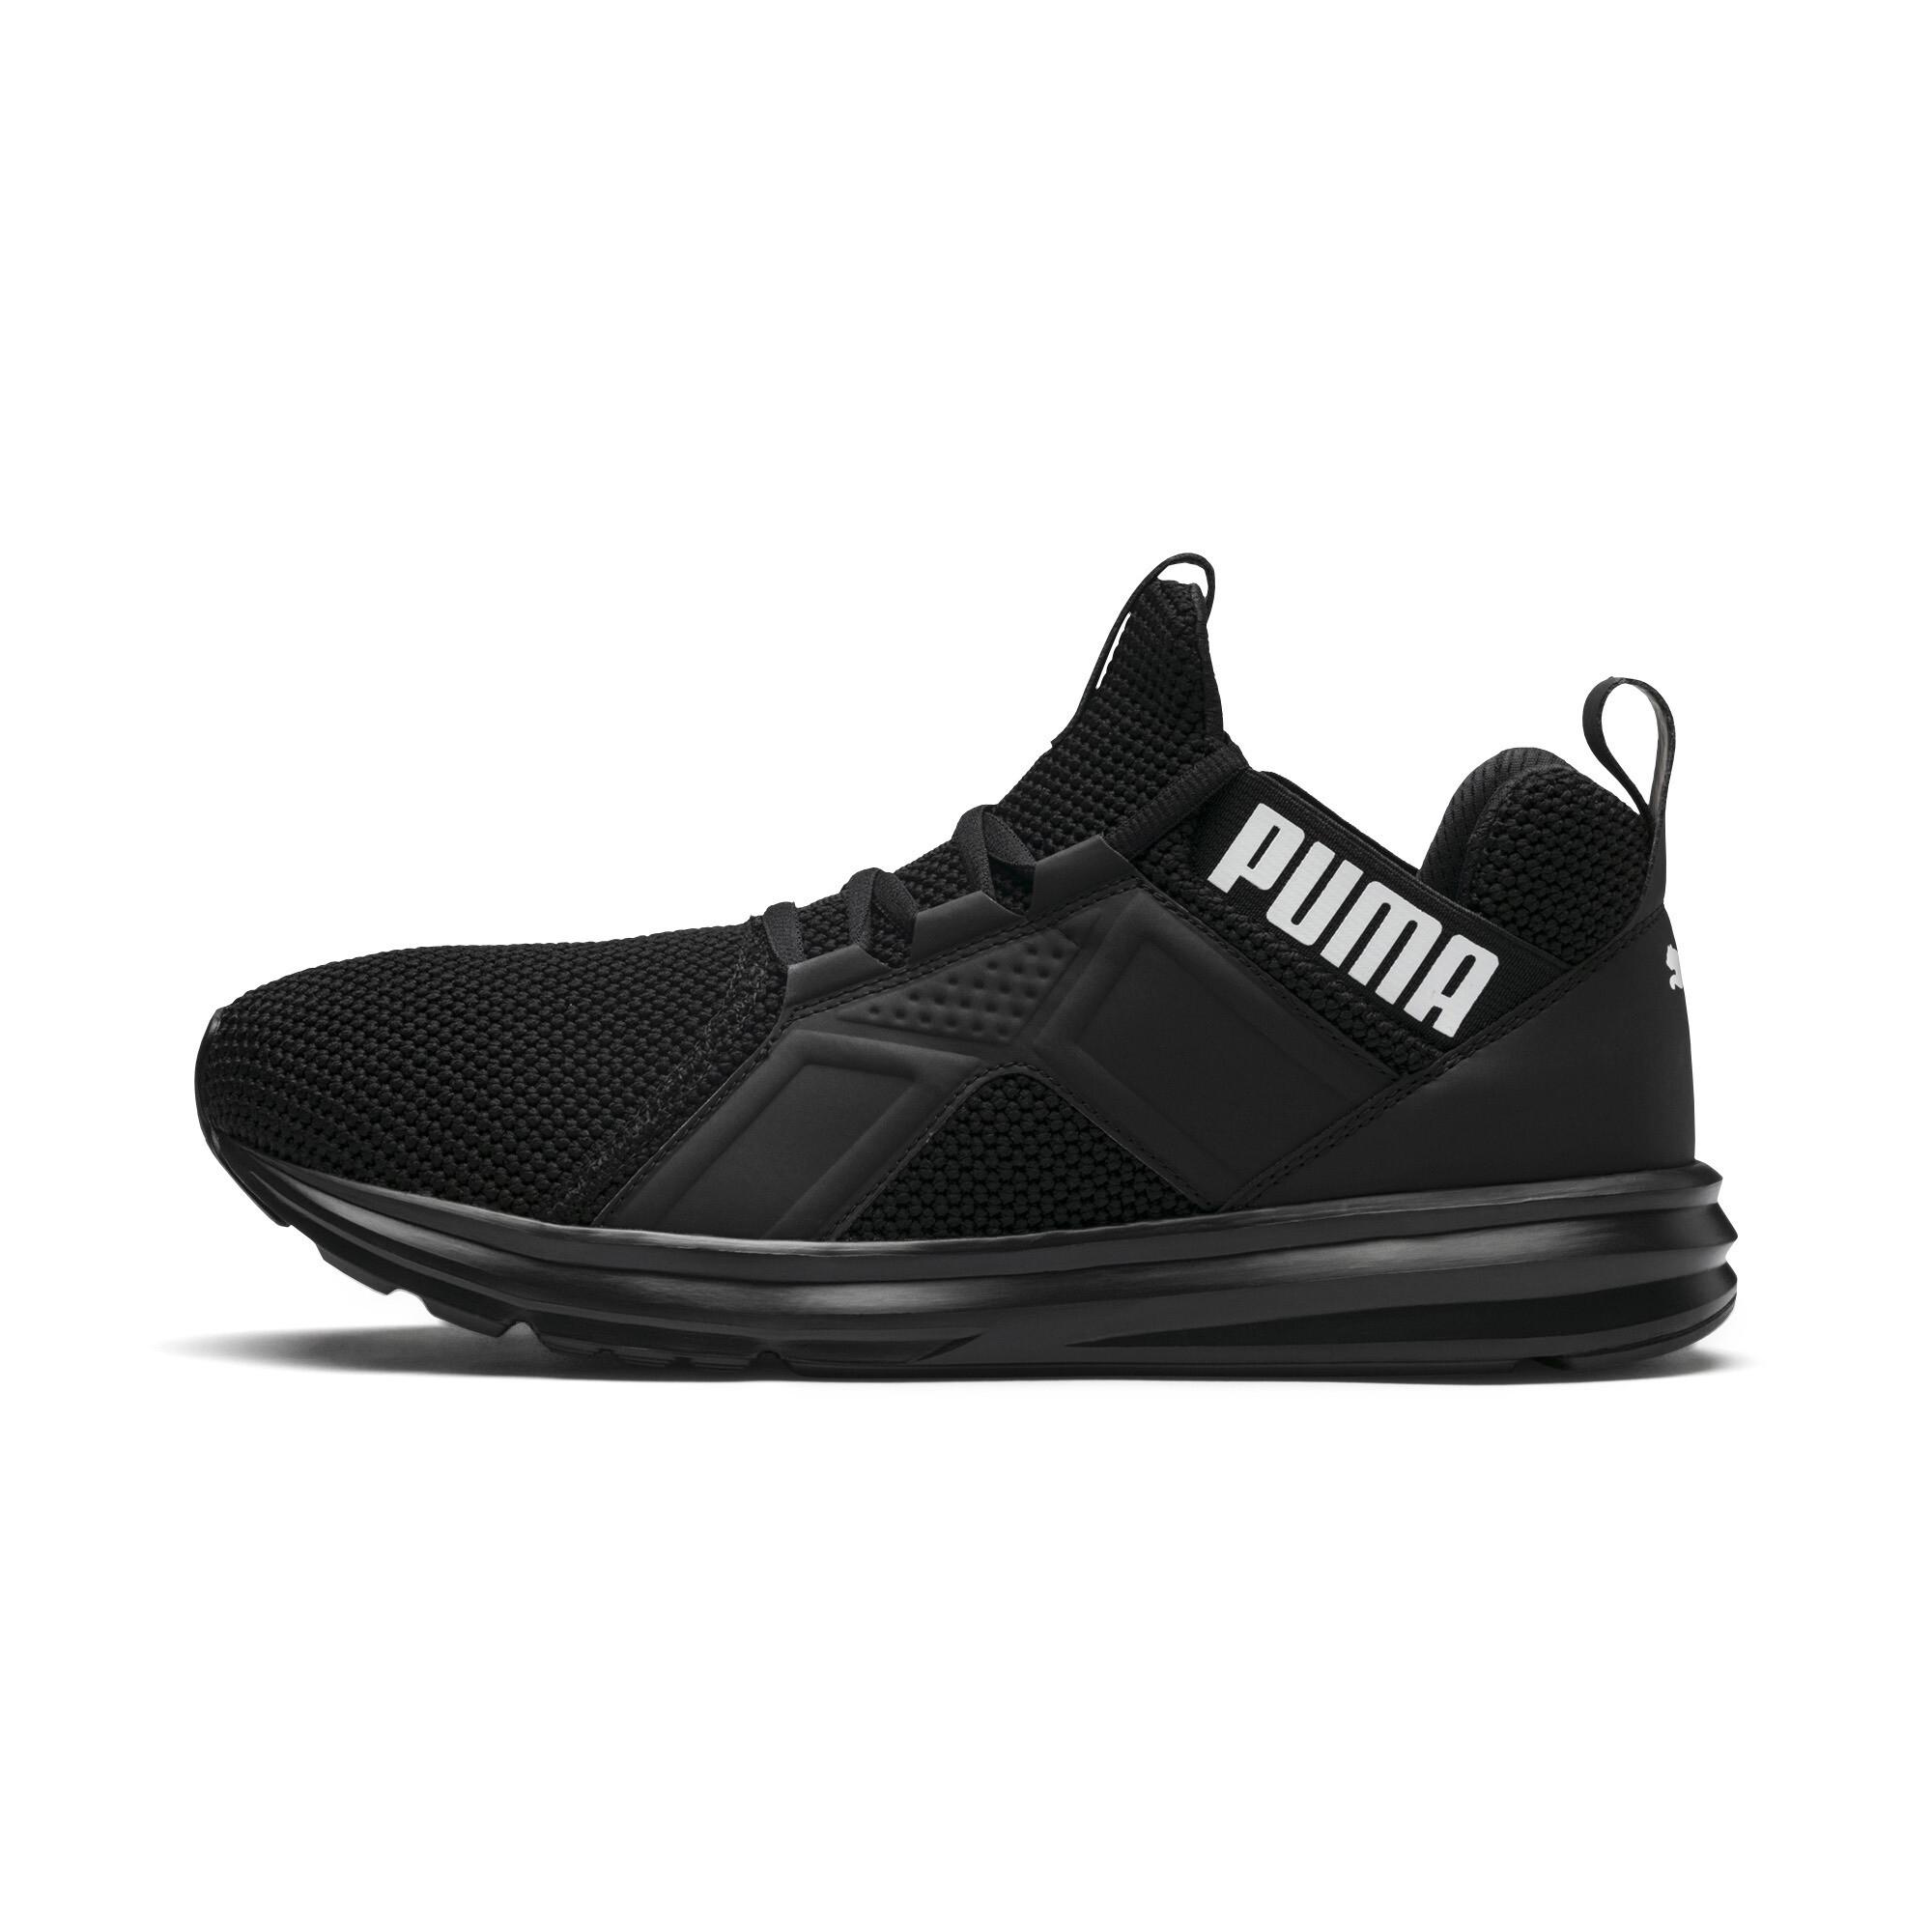 Indexbild 4 - PUMA Enzo Weave Herren Sneaker Unisex Schuhe Laufen Neu